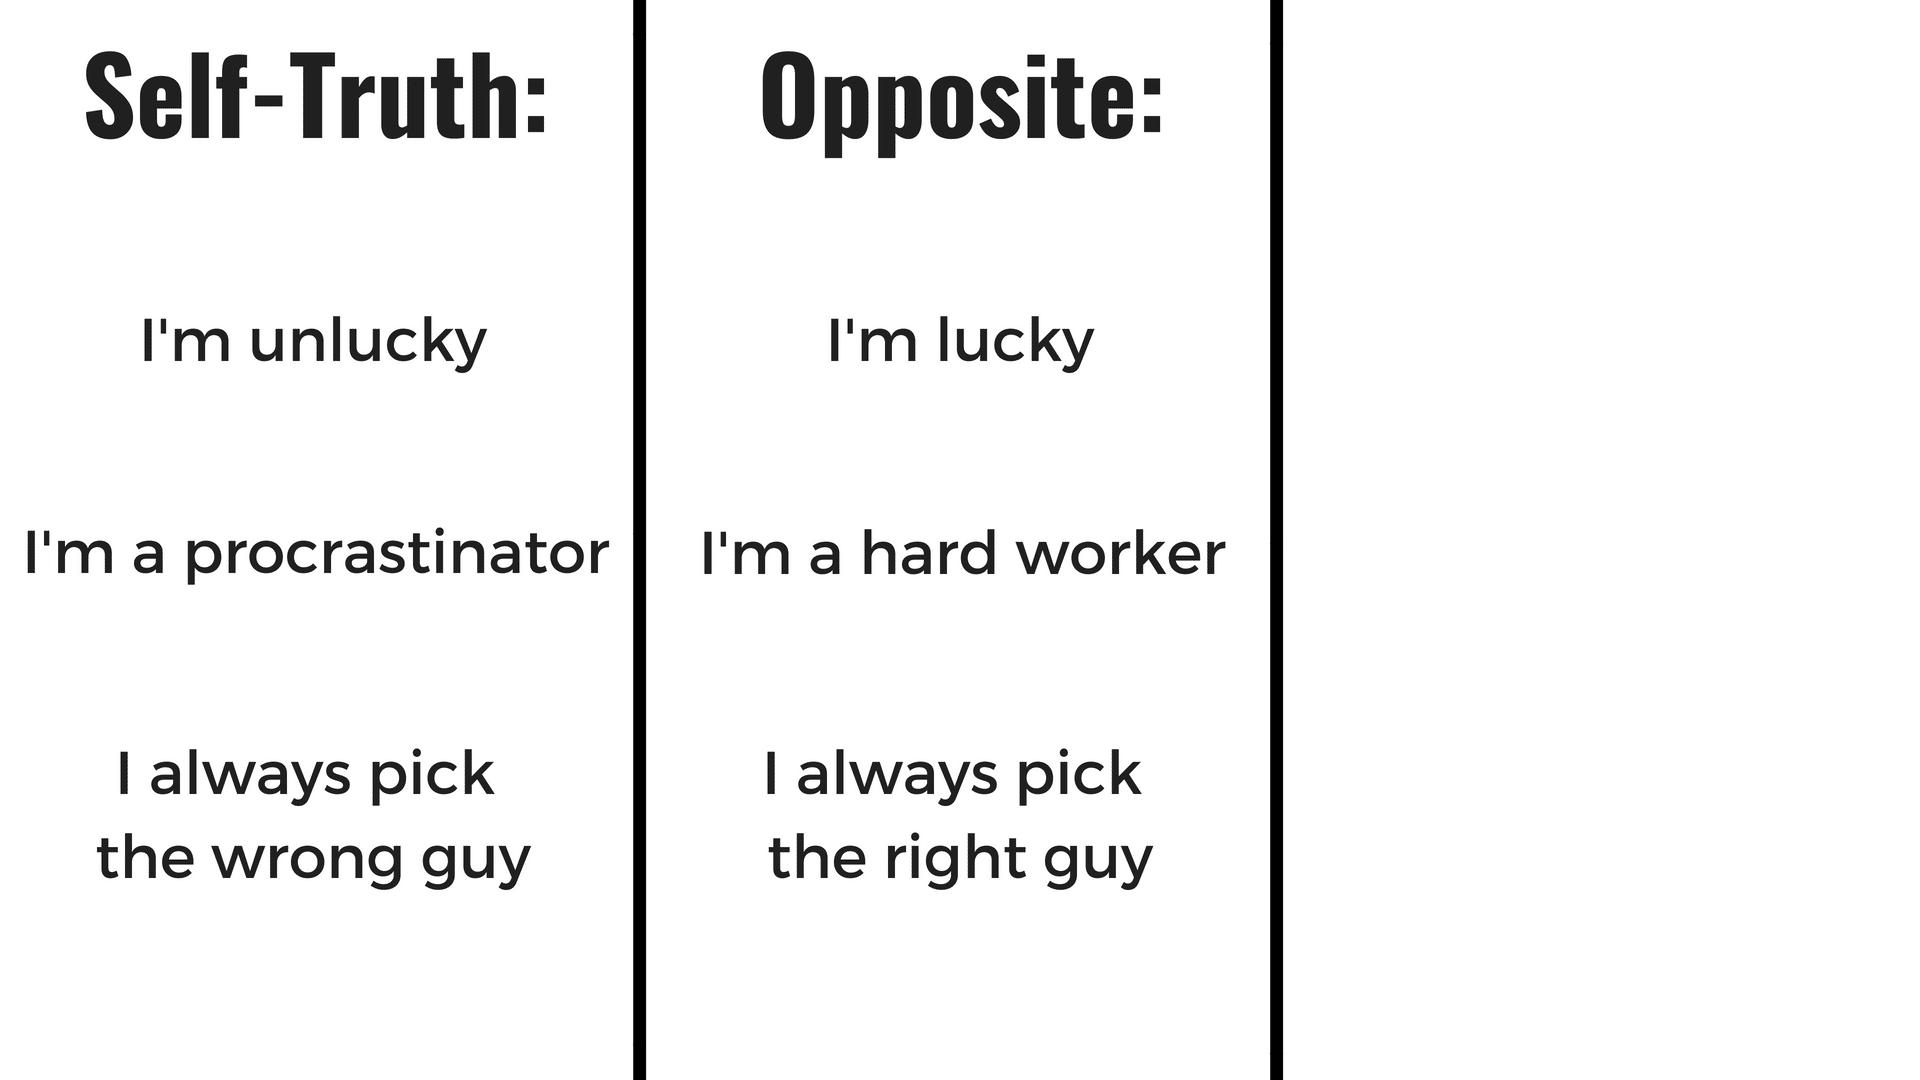 Opposite of self-thruth